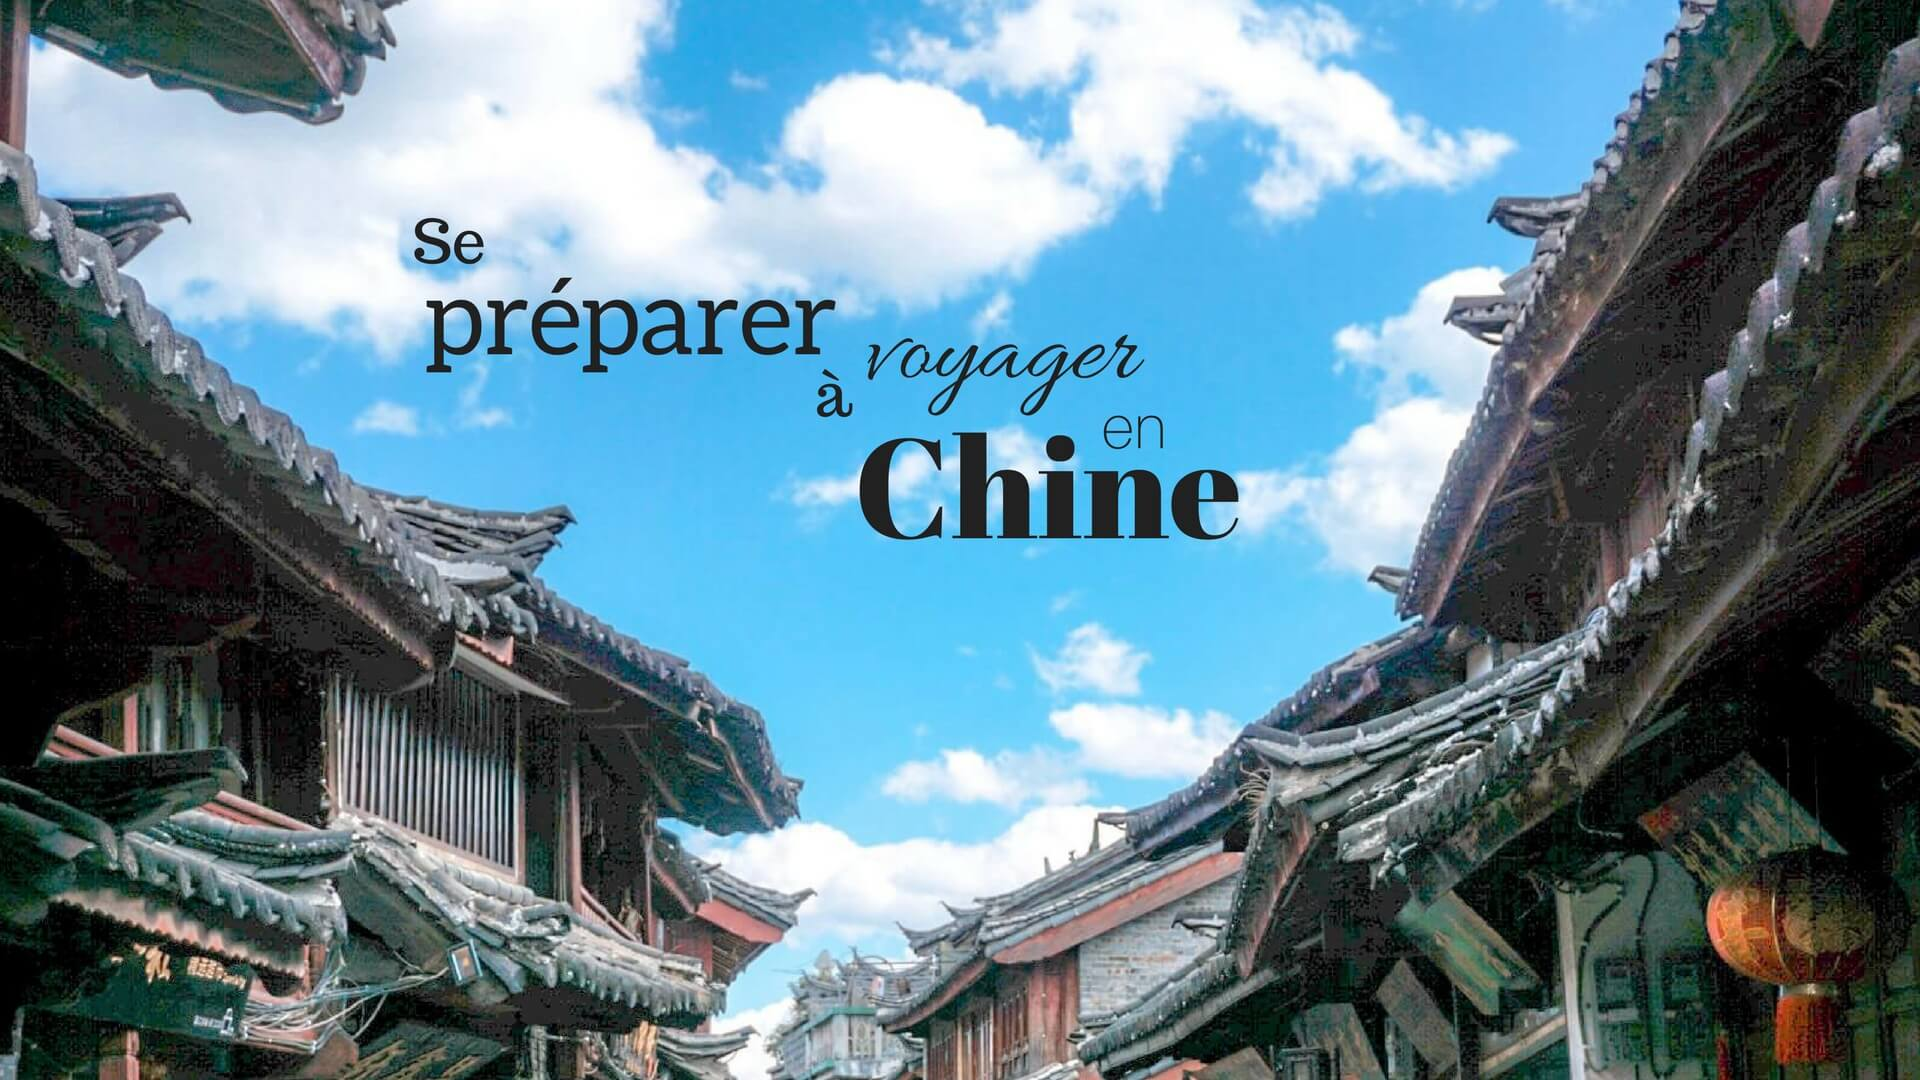 démarches visa chinois préparer voyage culture chine crachats et bousculade